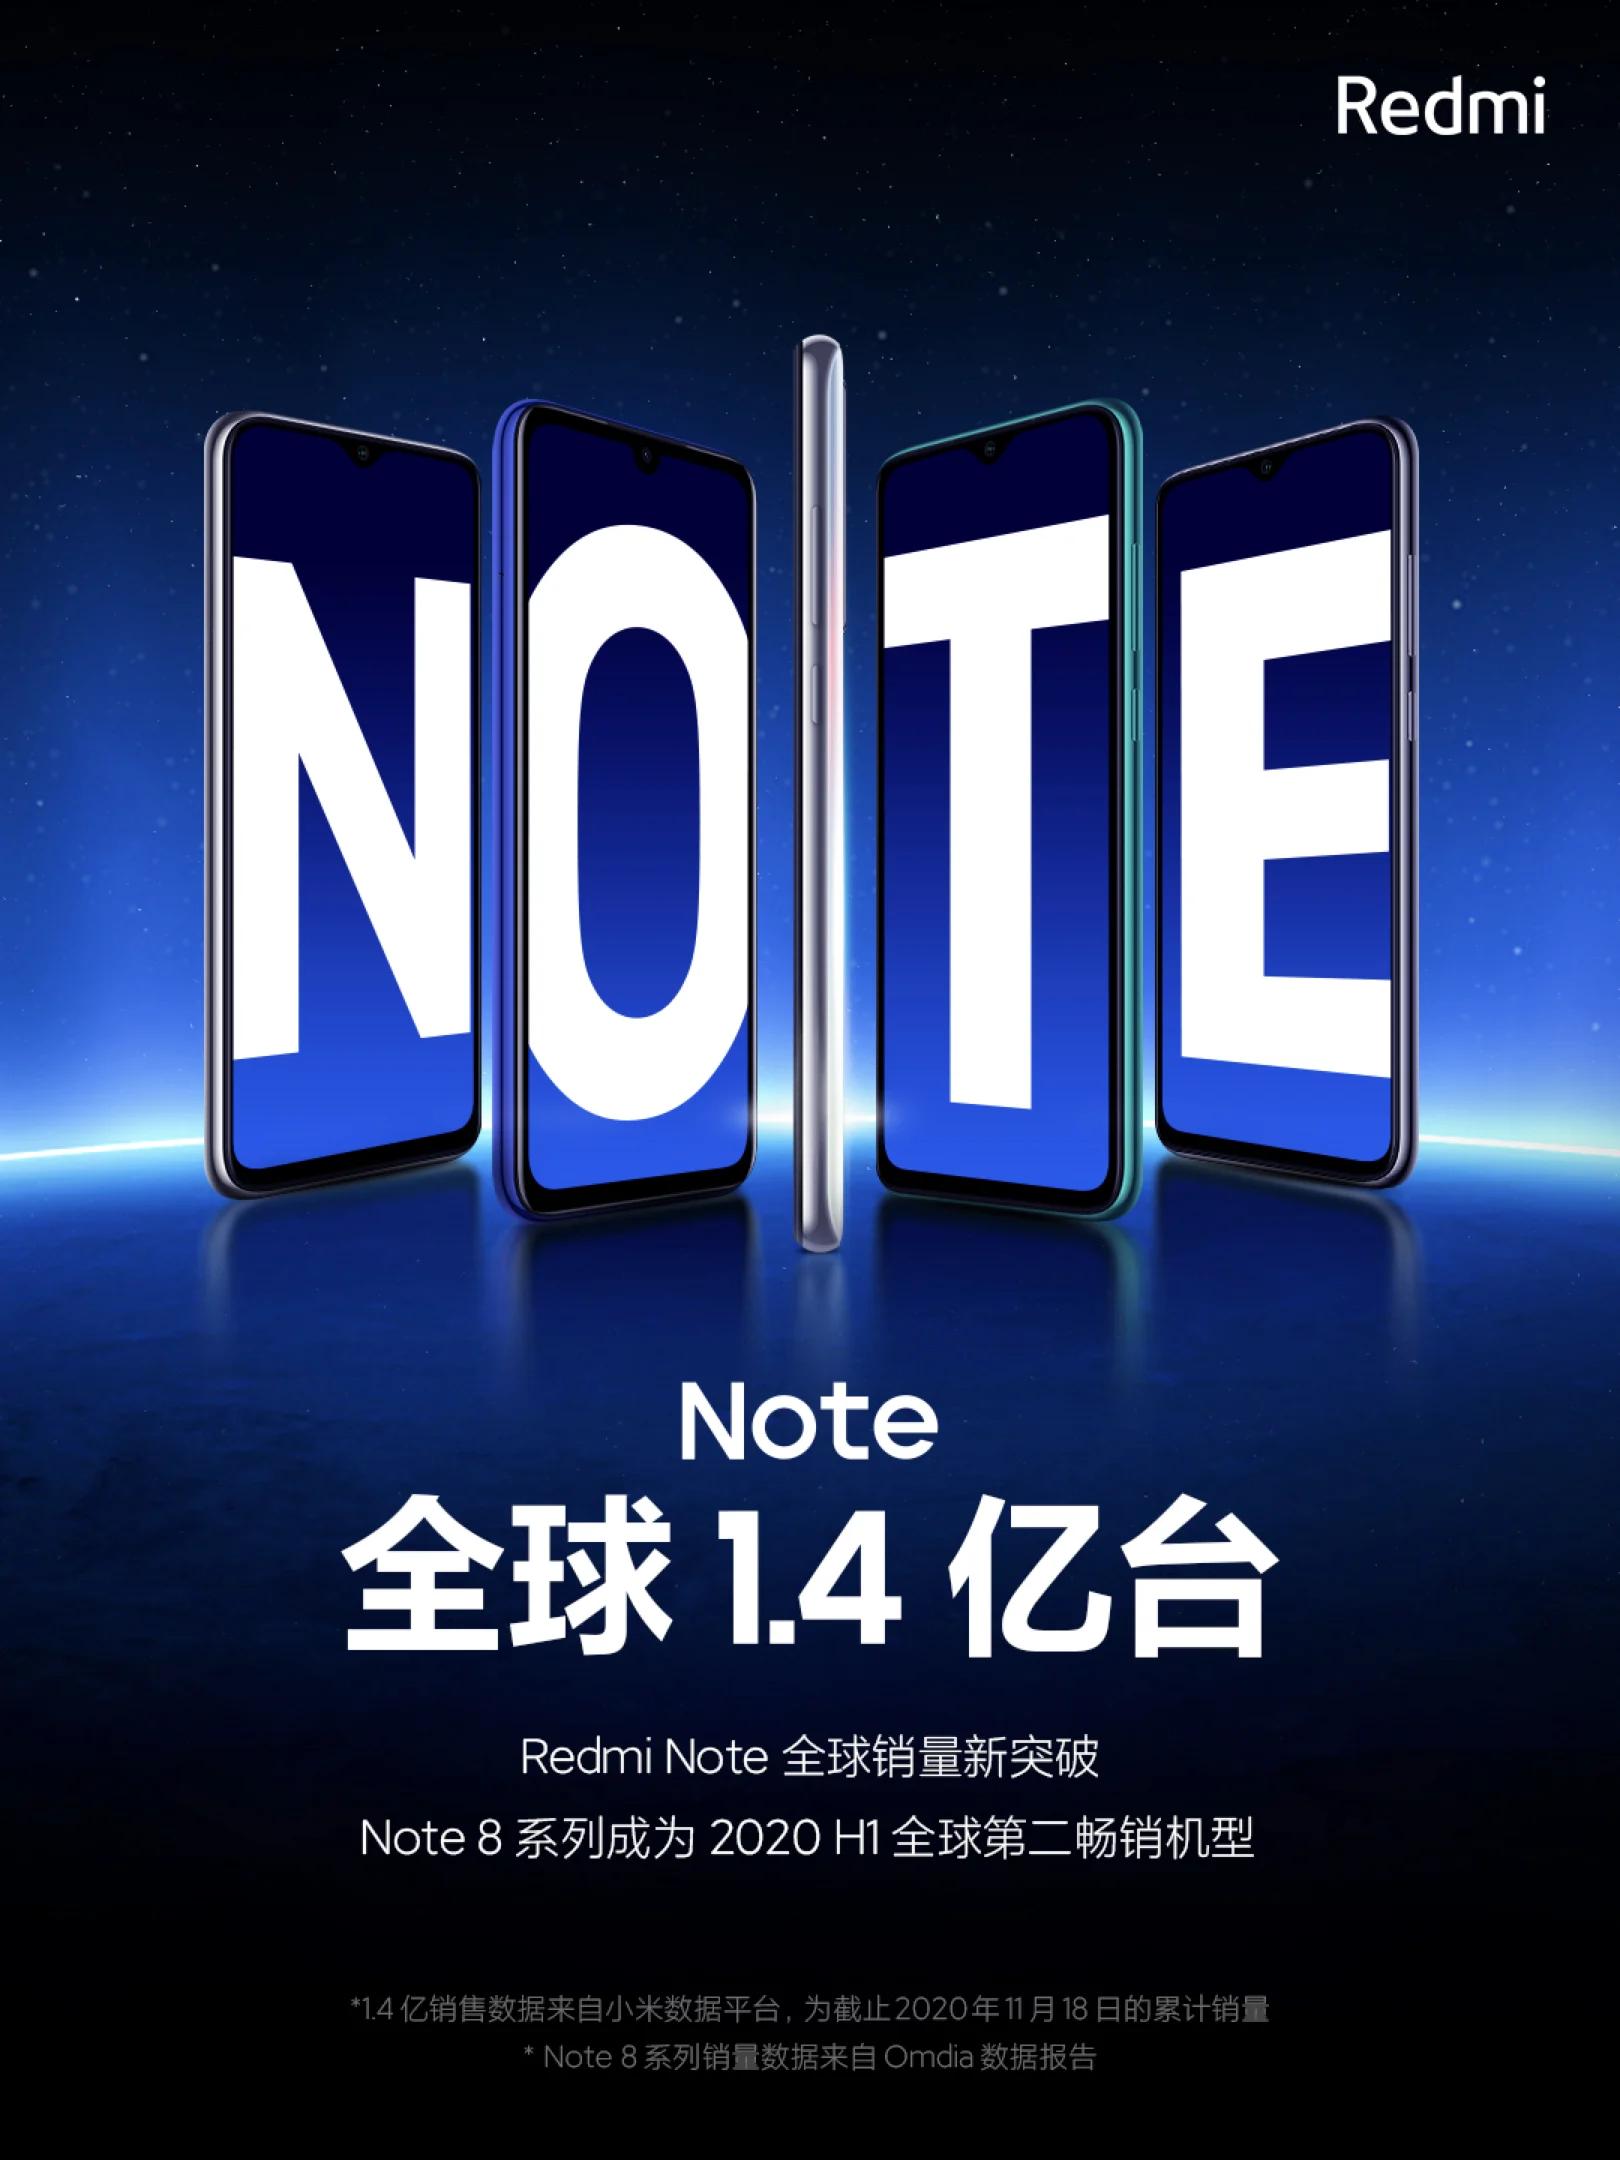 Las ventas globales de la Serie Redmi Note de Xiaomi supera los 140 millones de unidades